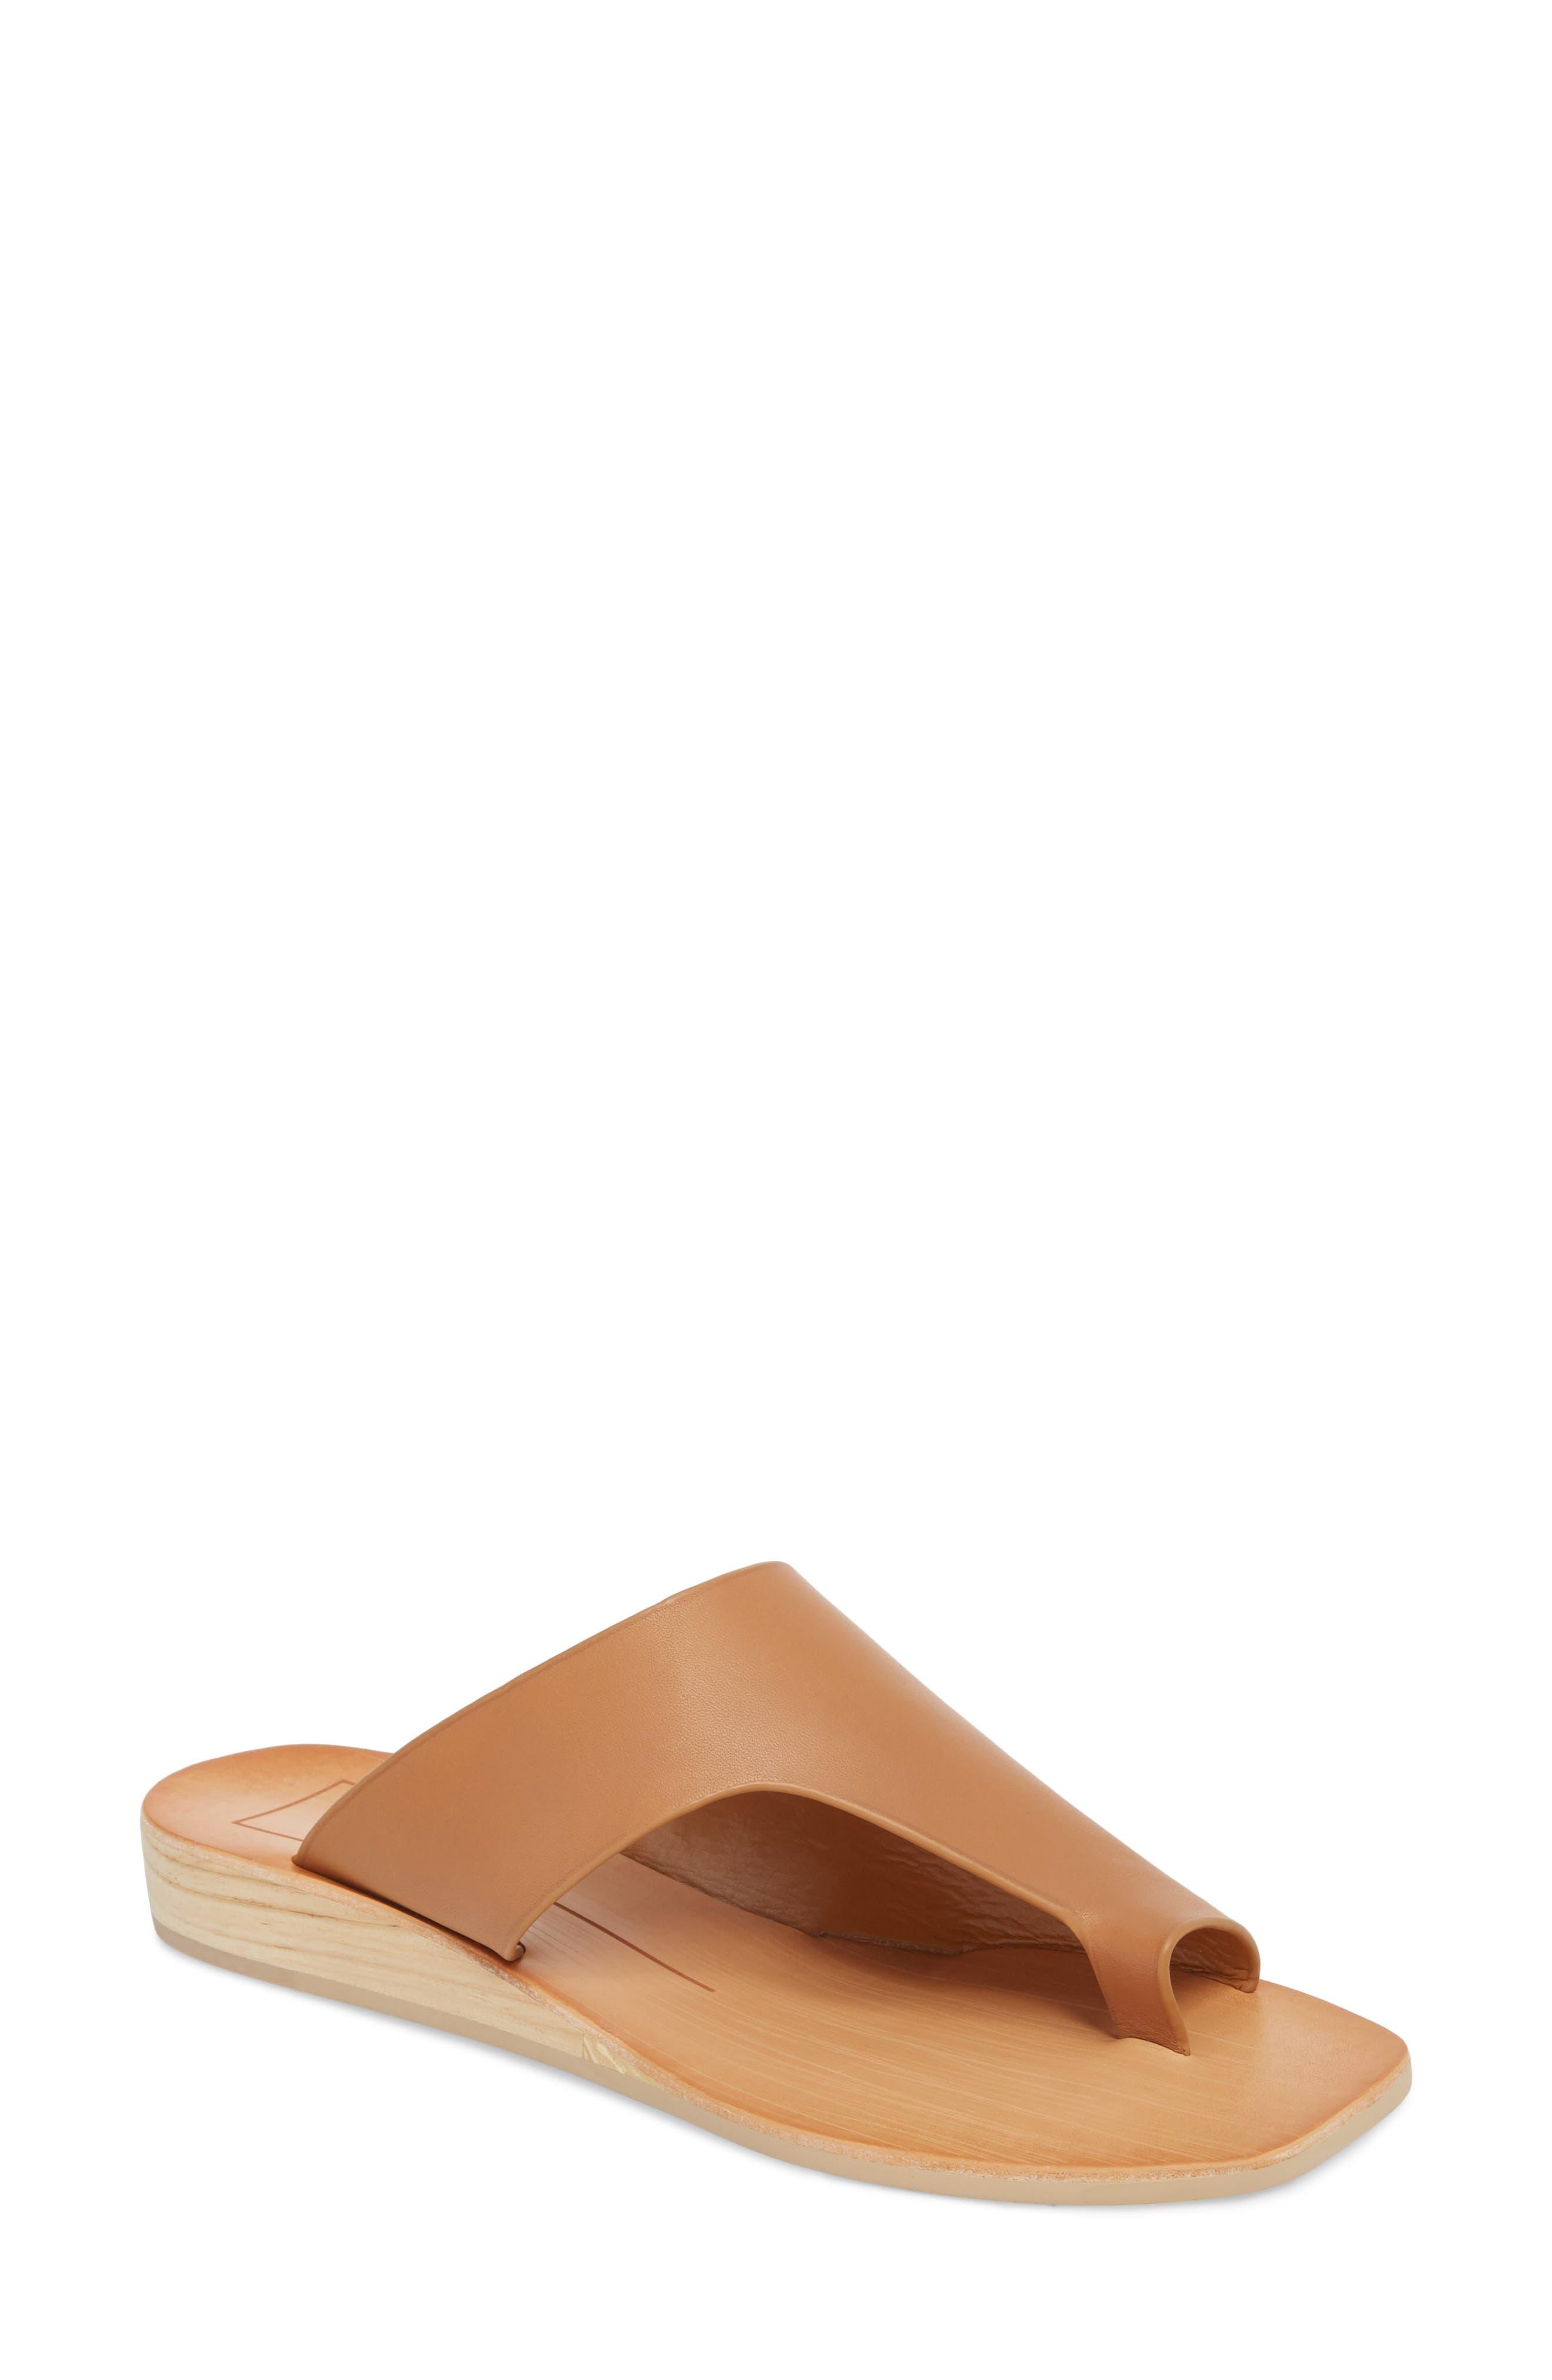 Hazle Asymmetrical Toe Loop Sandal,                             Main thumbnail 2, color,